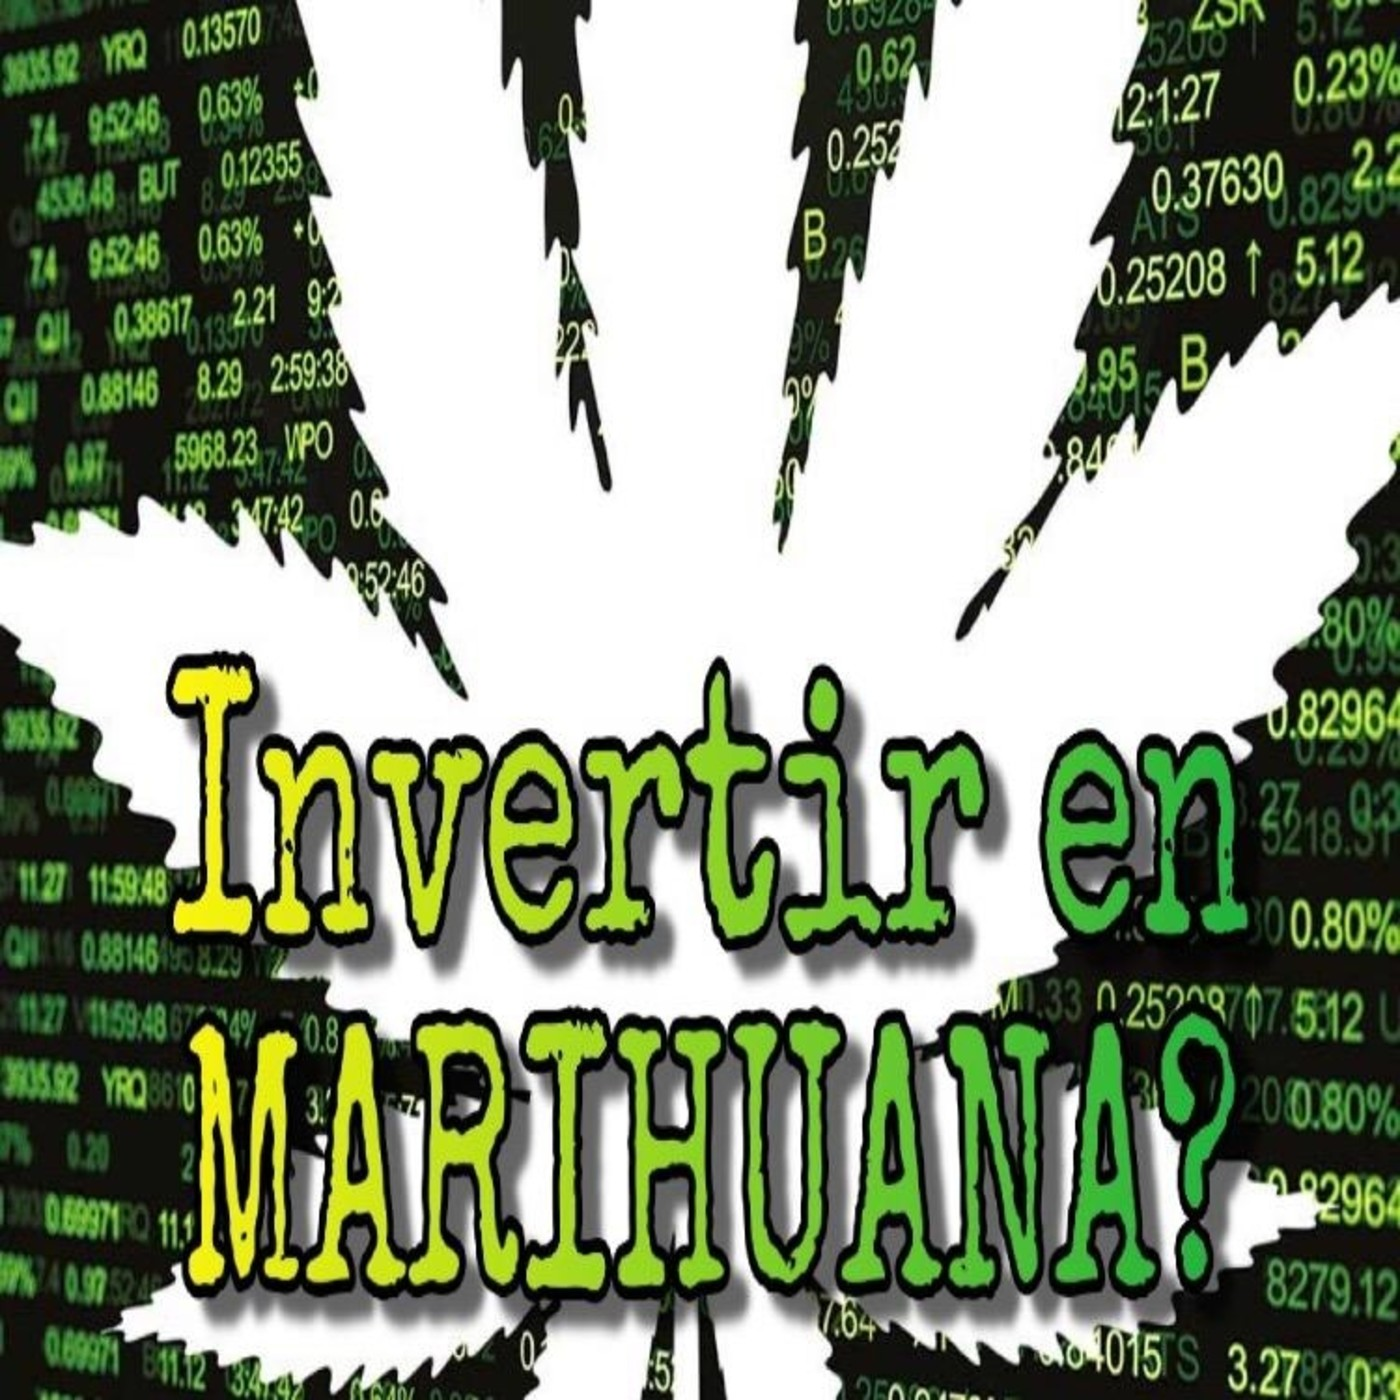 Marihuana: La industria de mayor crecimiento proyectada a 2020!